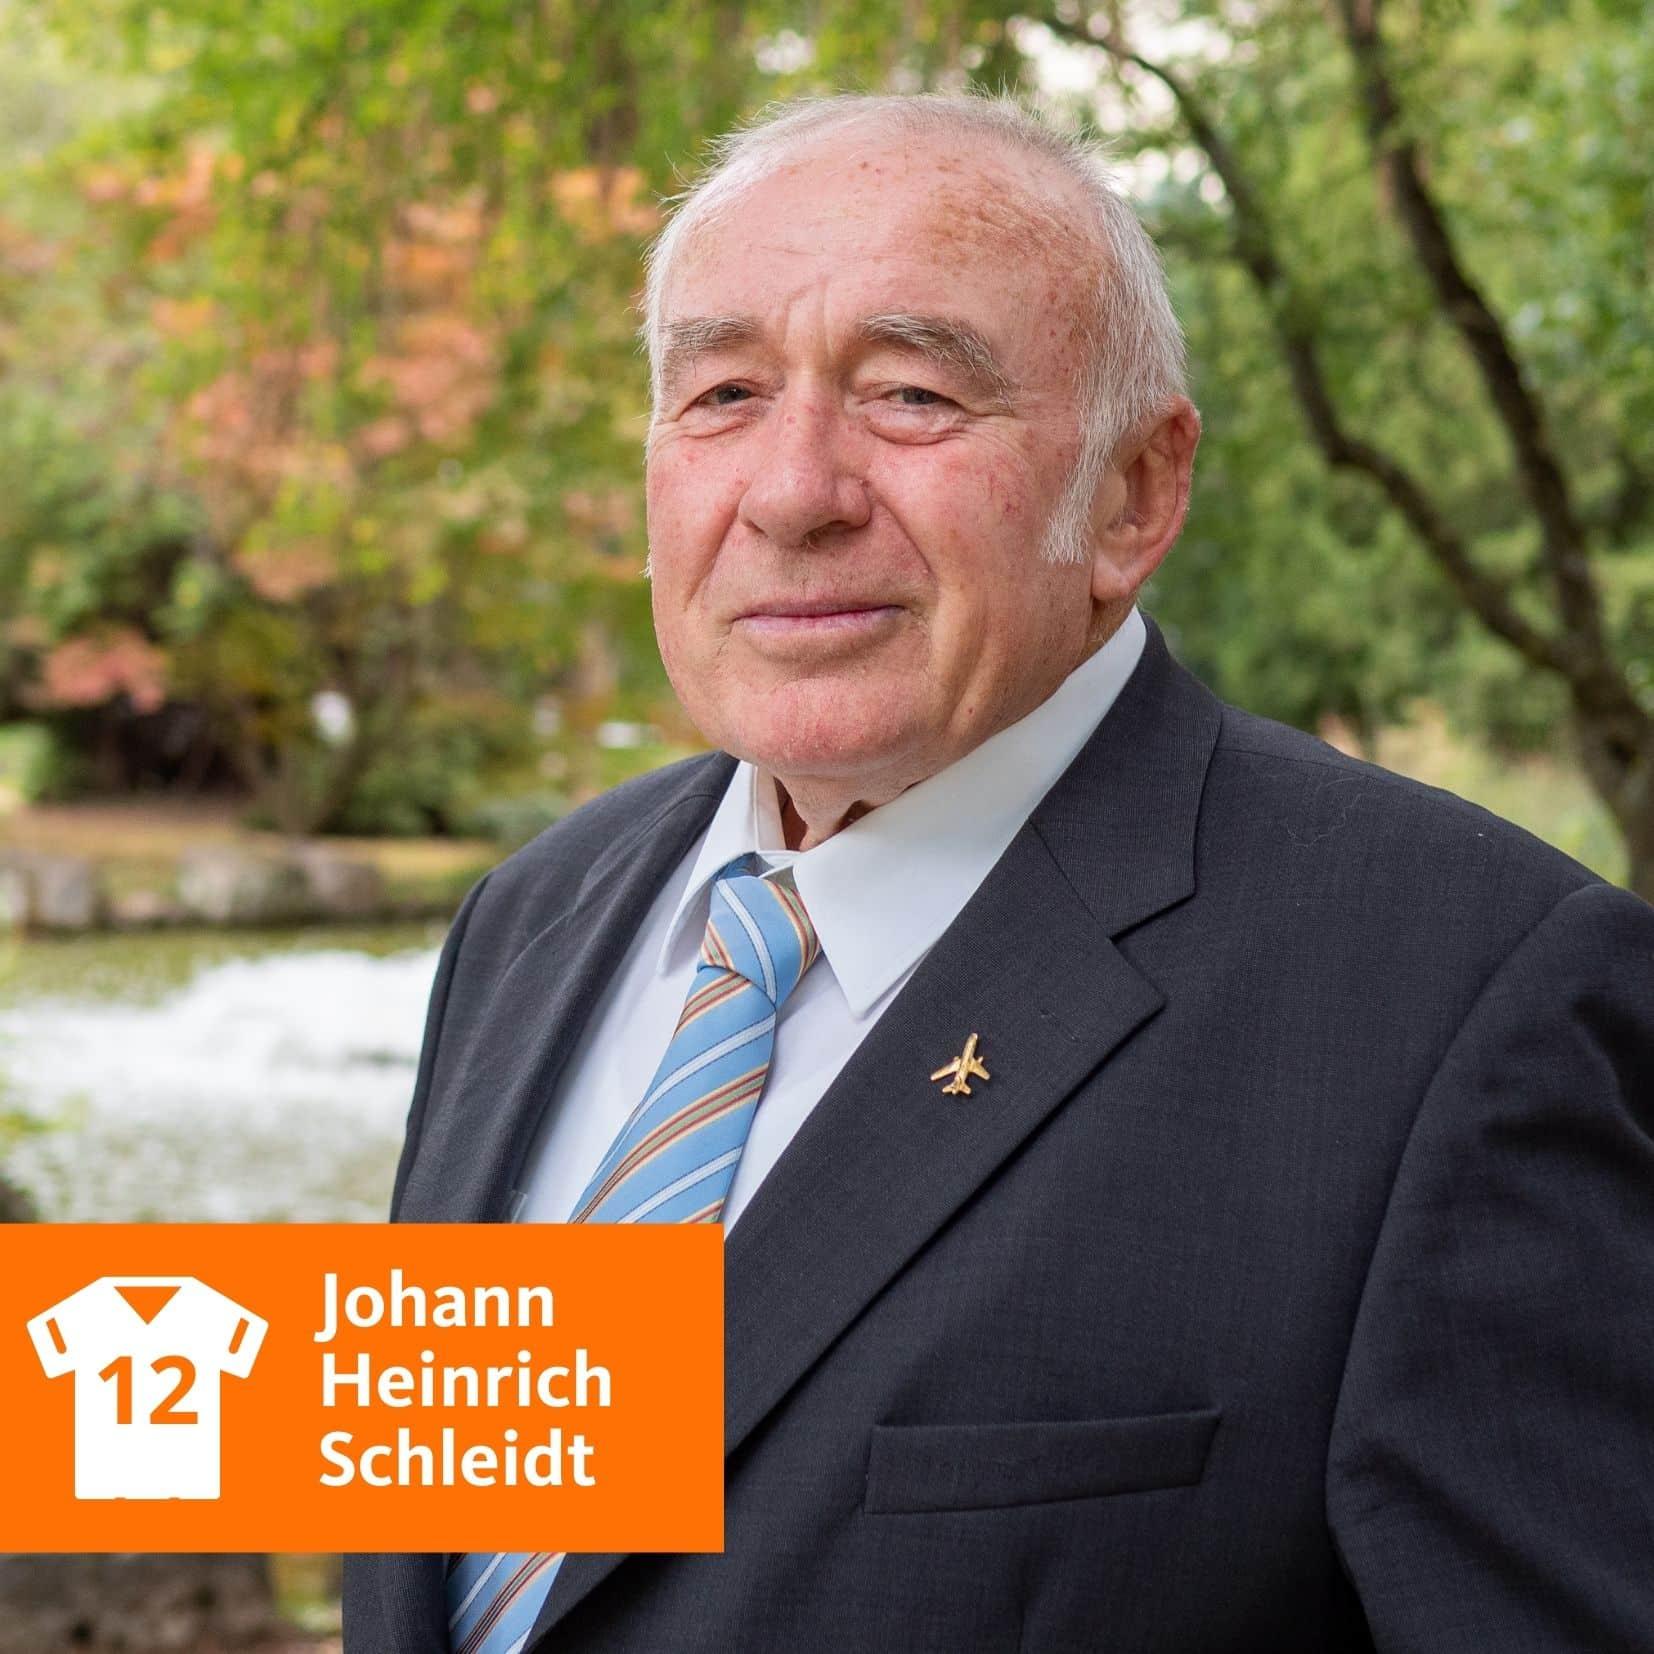 Johann Heinrich Schleidt